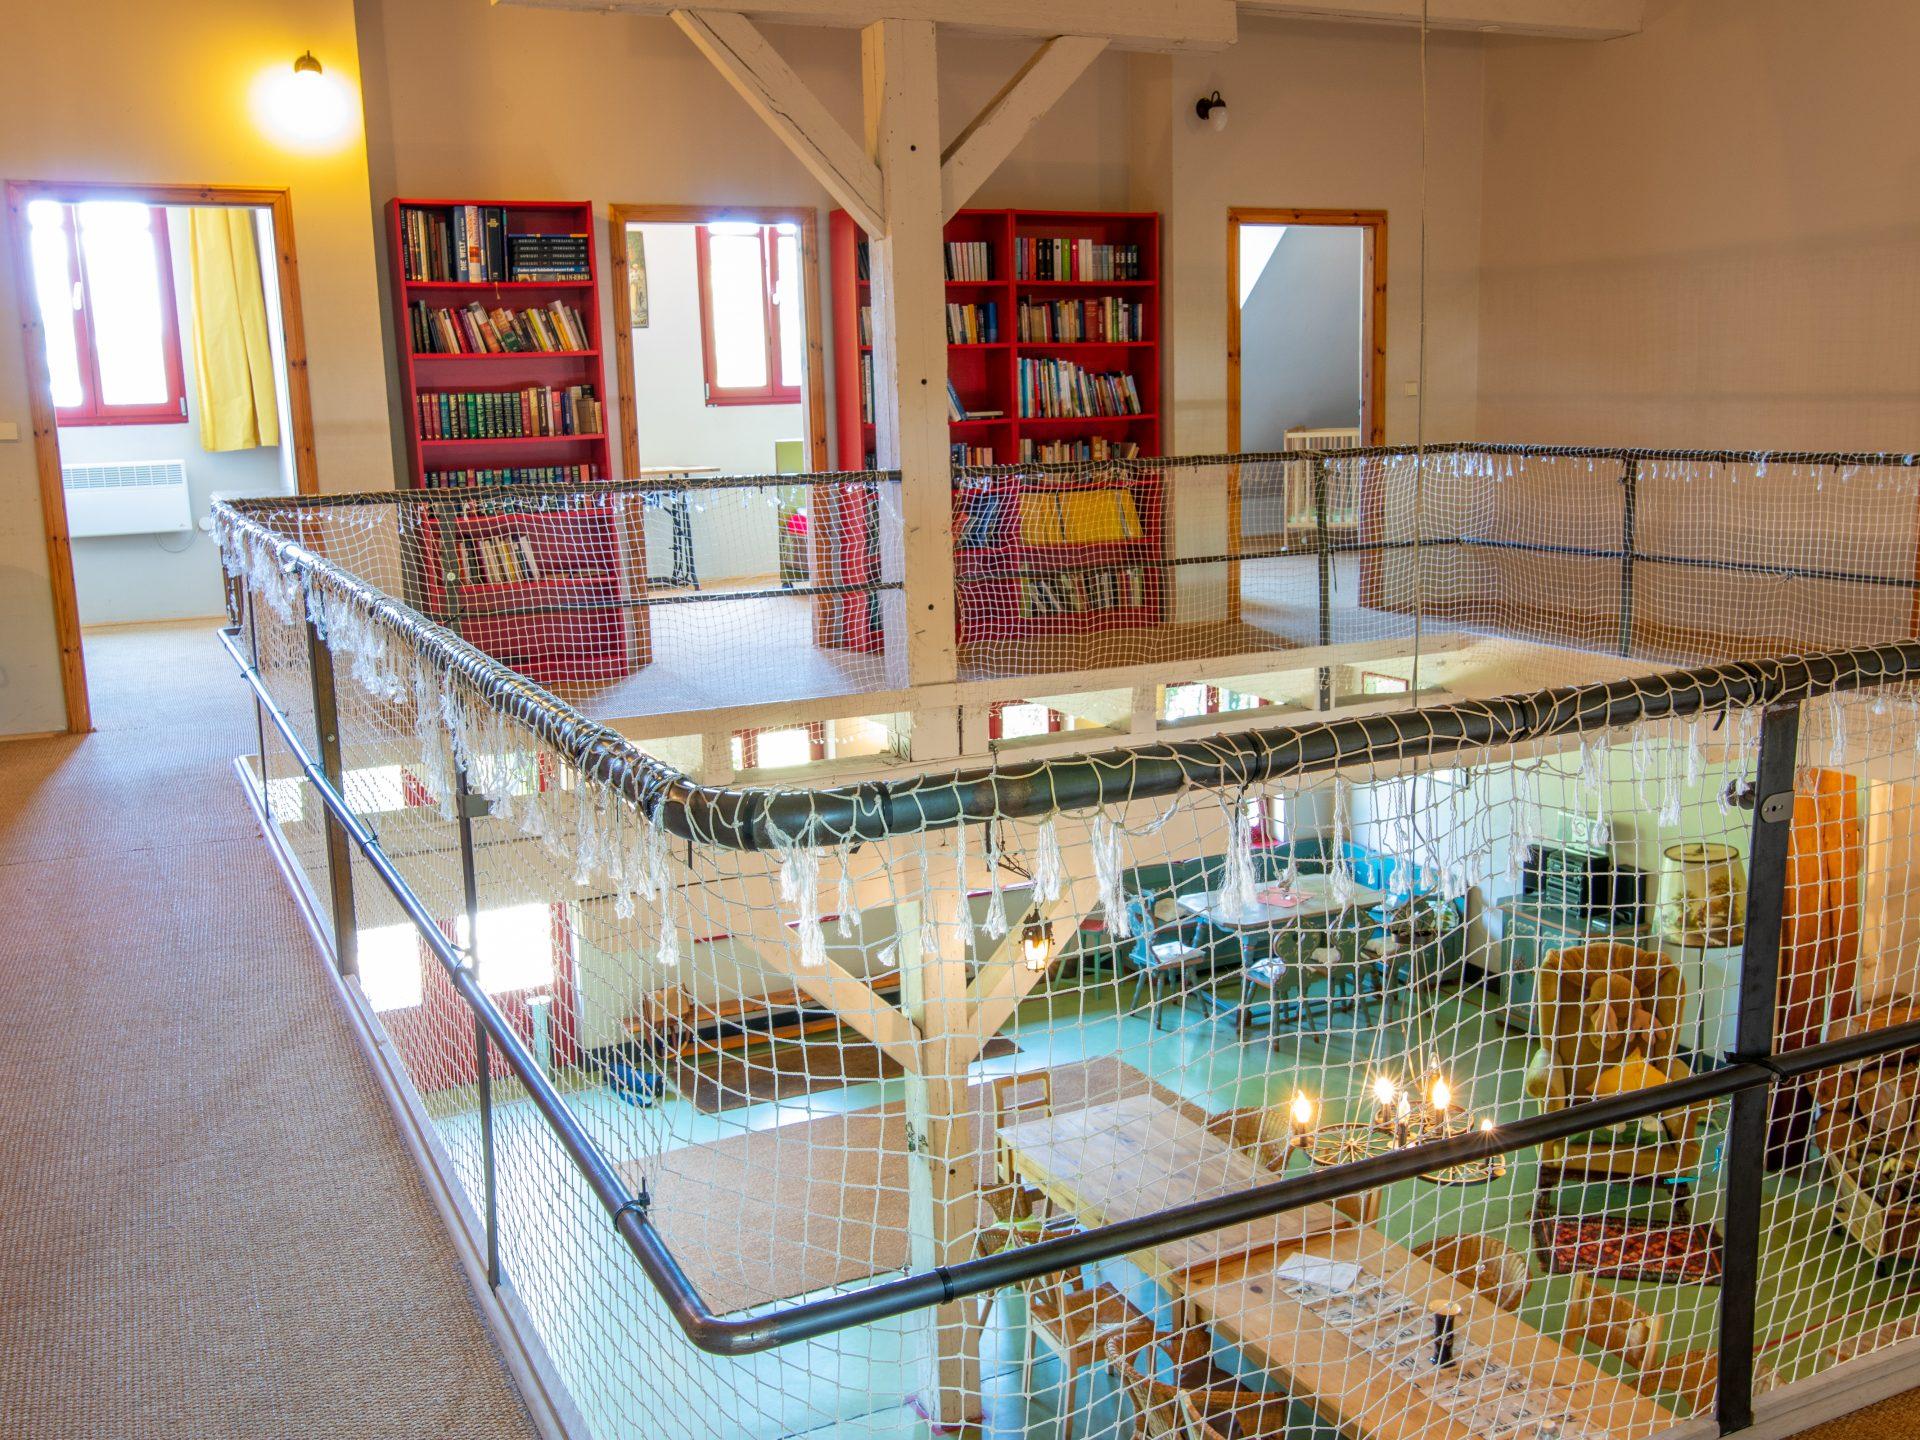 Galerie mit Blick auf den Wohnraum